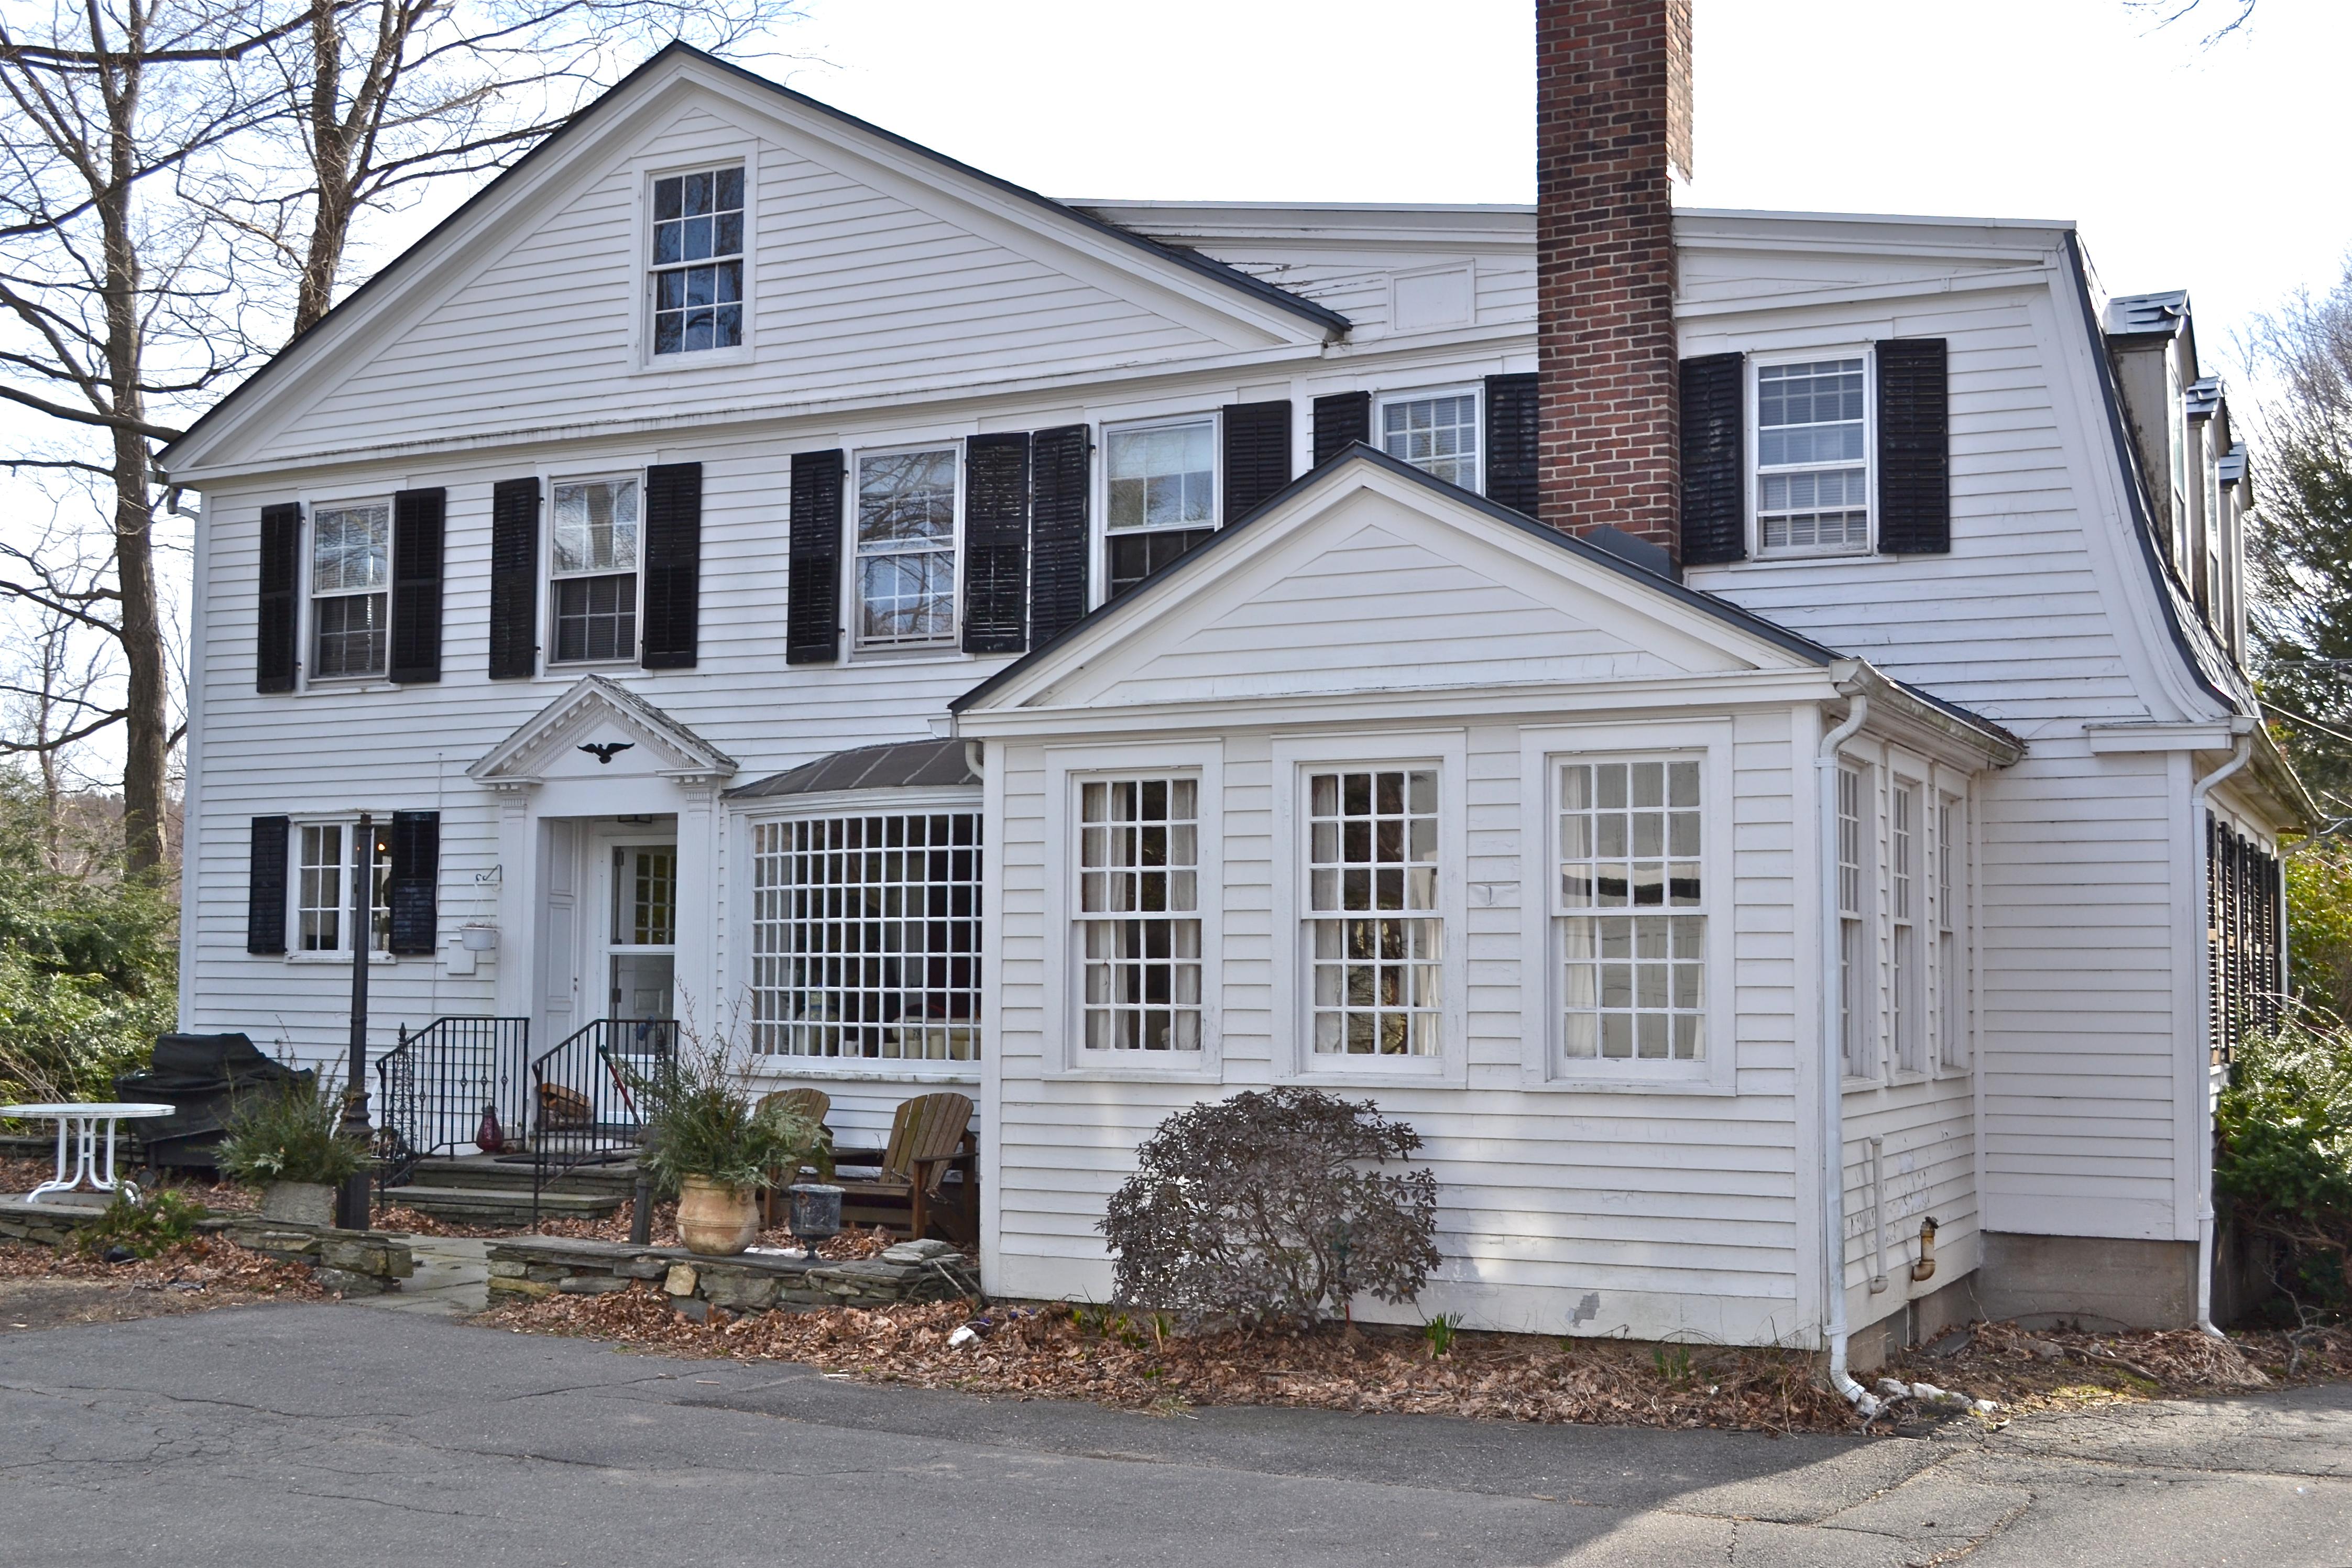 Casa Unifamiliar por un Venta en Stately Georgian Colonial 250 Litchfield Rd Watertown, Connecticut, 06795 Estados Unidos